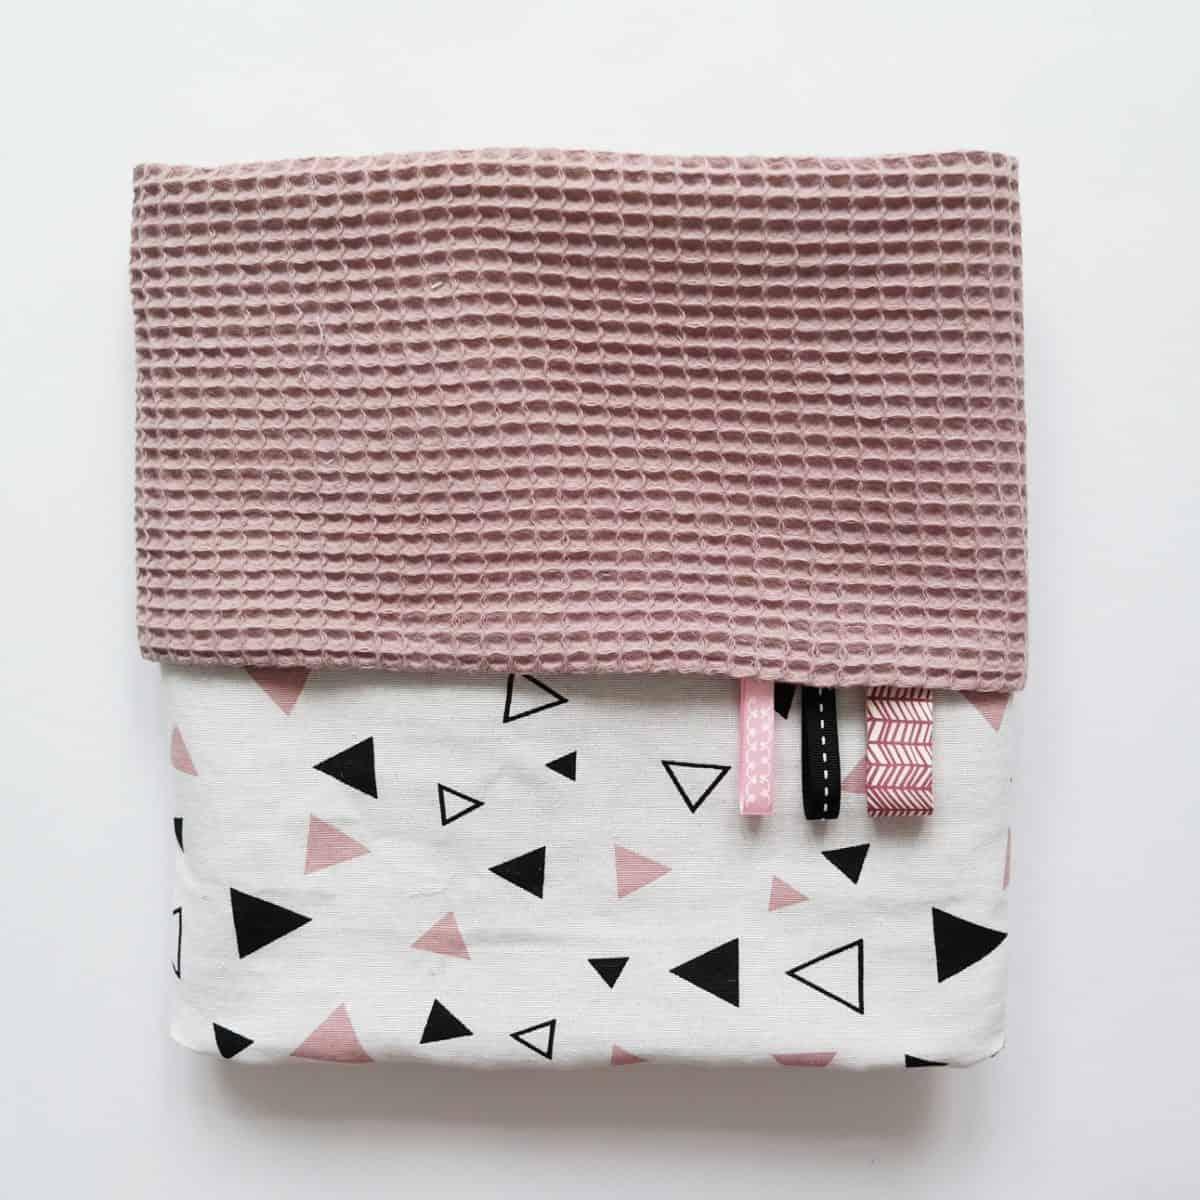 ledikantdeken wafel roze met zwart wit roze driehoekjes print